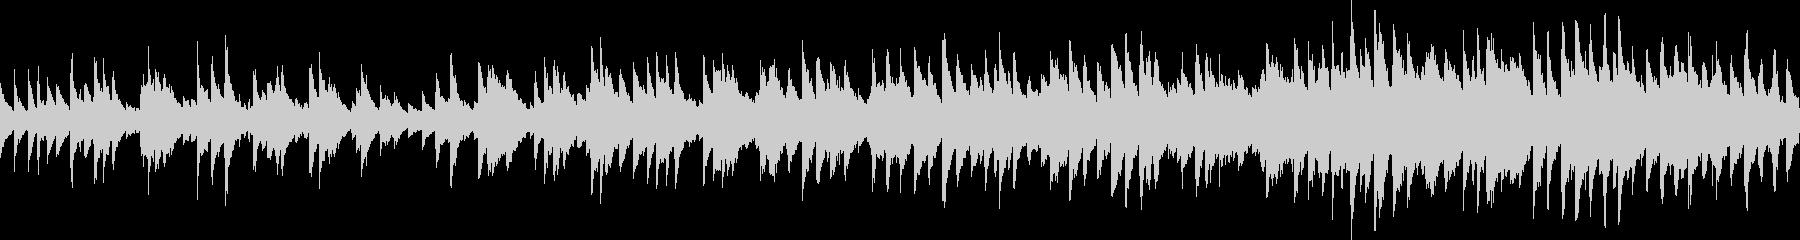 シャッフルカントリーバラード(ループ)の未再生の波形